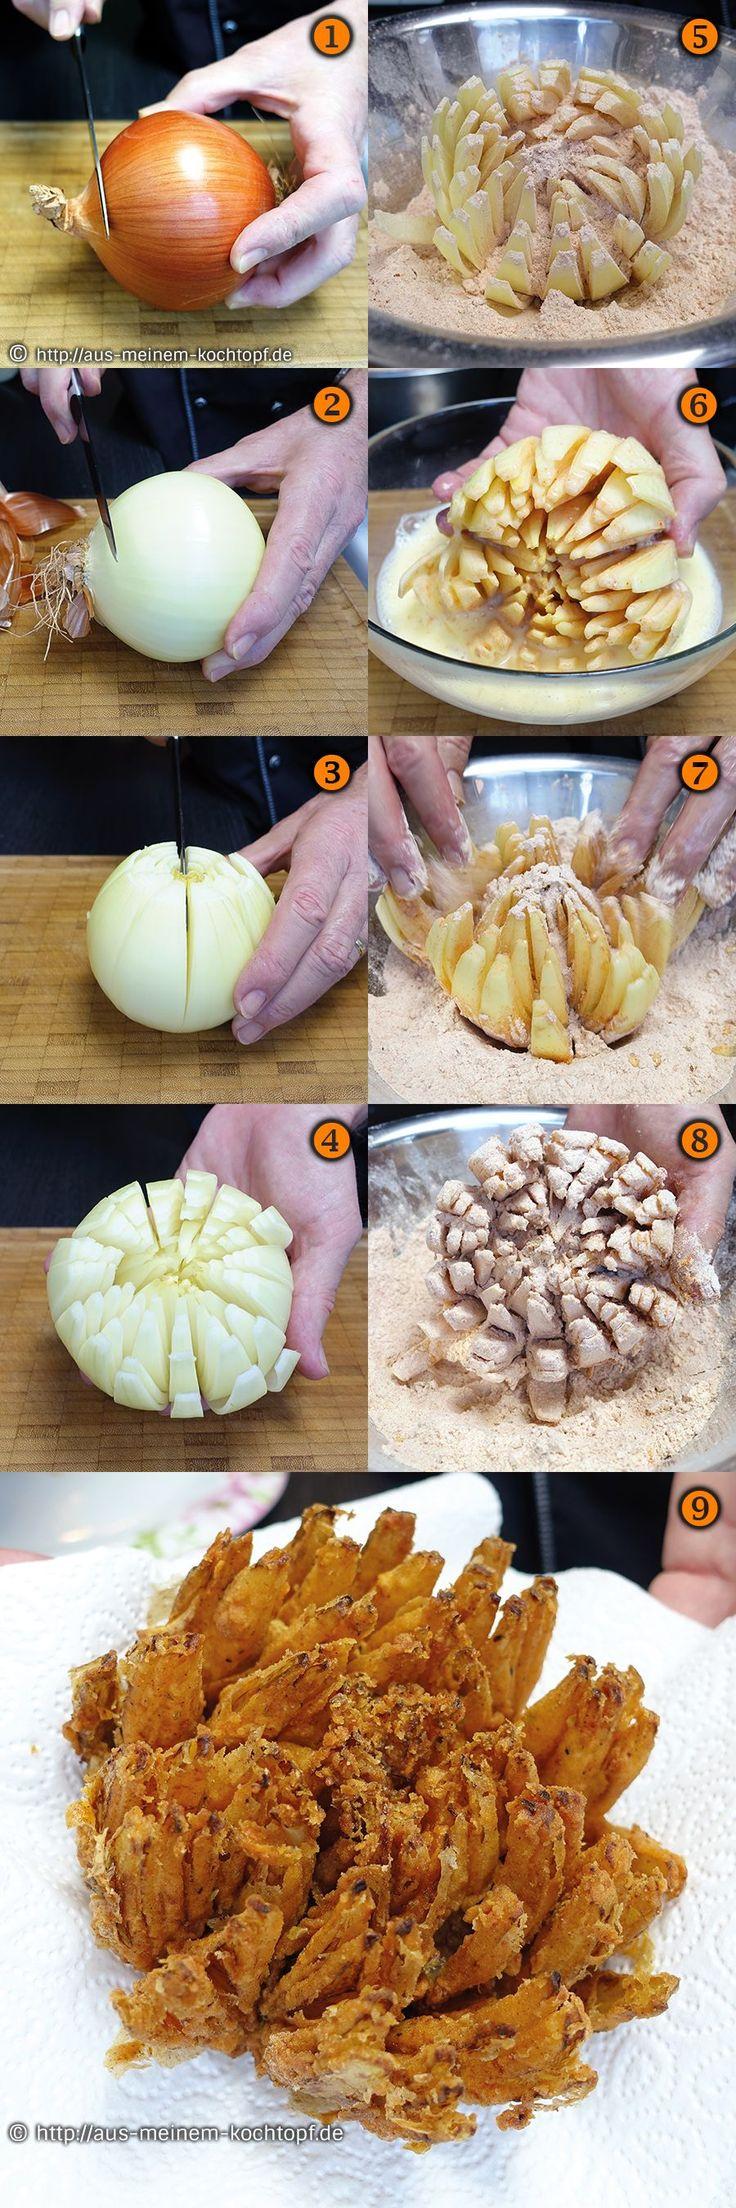 Die knusprige Zwiebelblume - Der perfekte Snack zum Grillen und dippen ist diese knusprige Zwiebelblume. Ein einfaches Rezept mit Bilderfolge für eine Schritt für Schritt Anleitung.